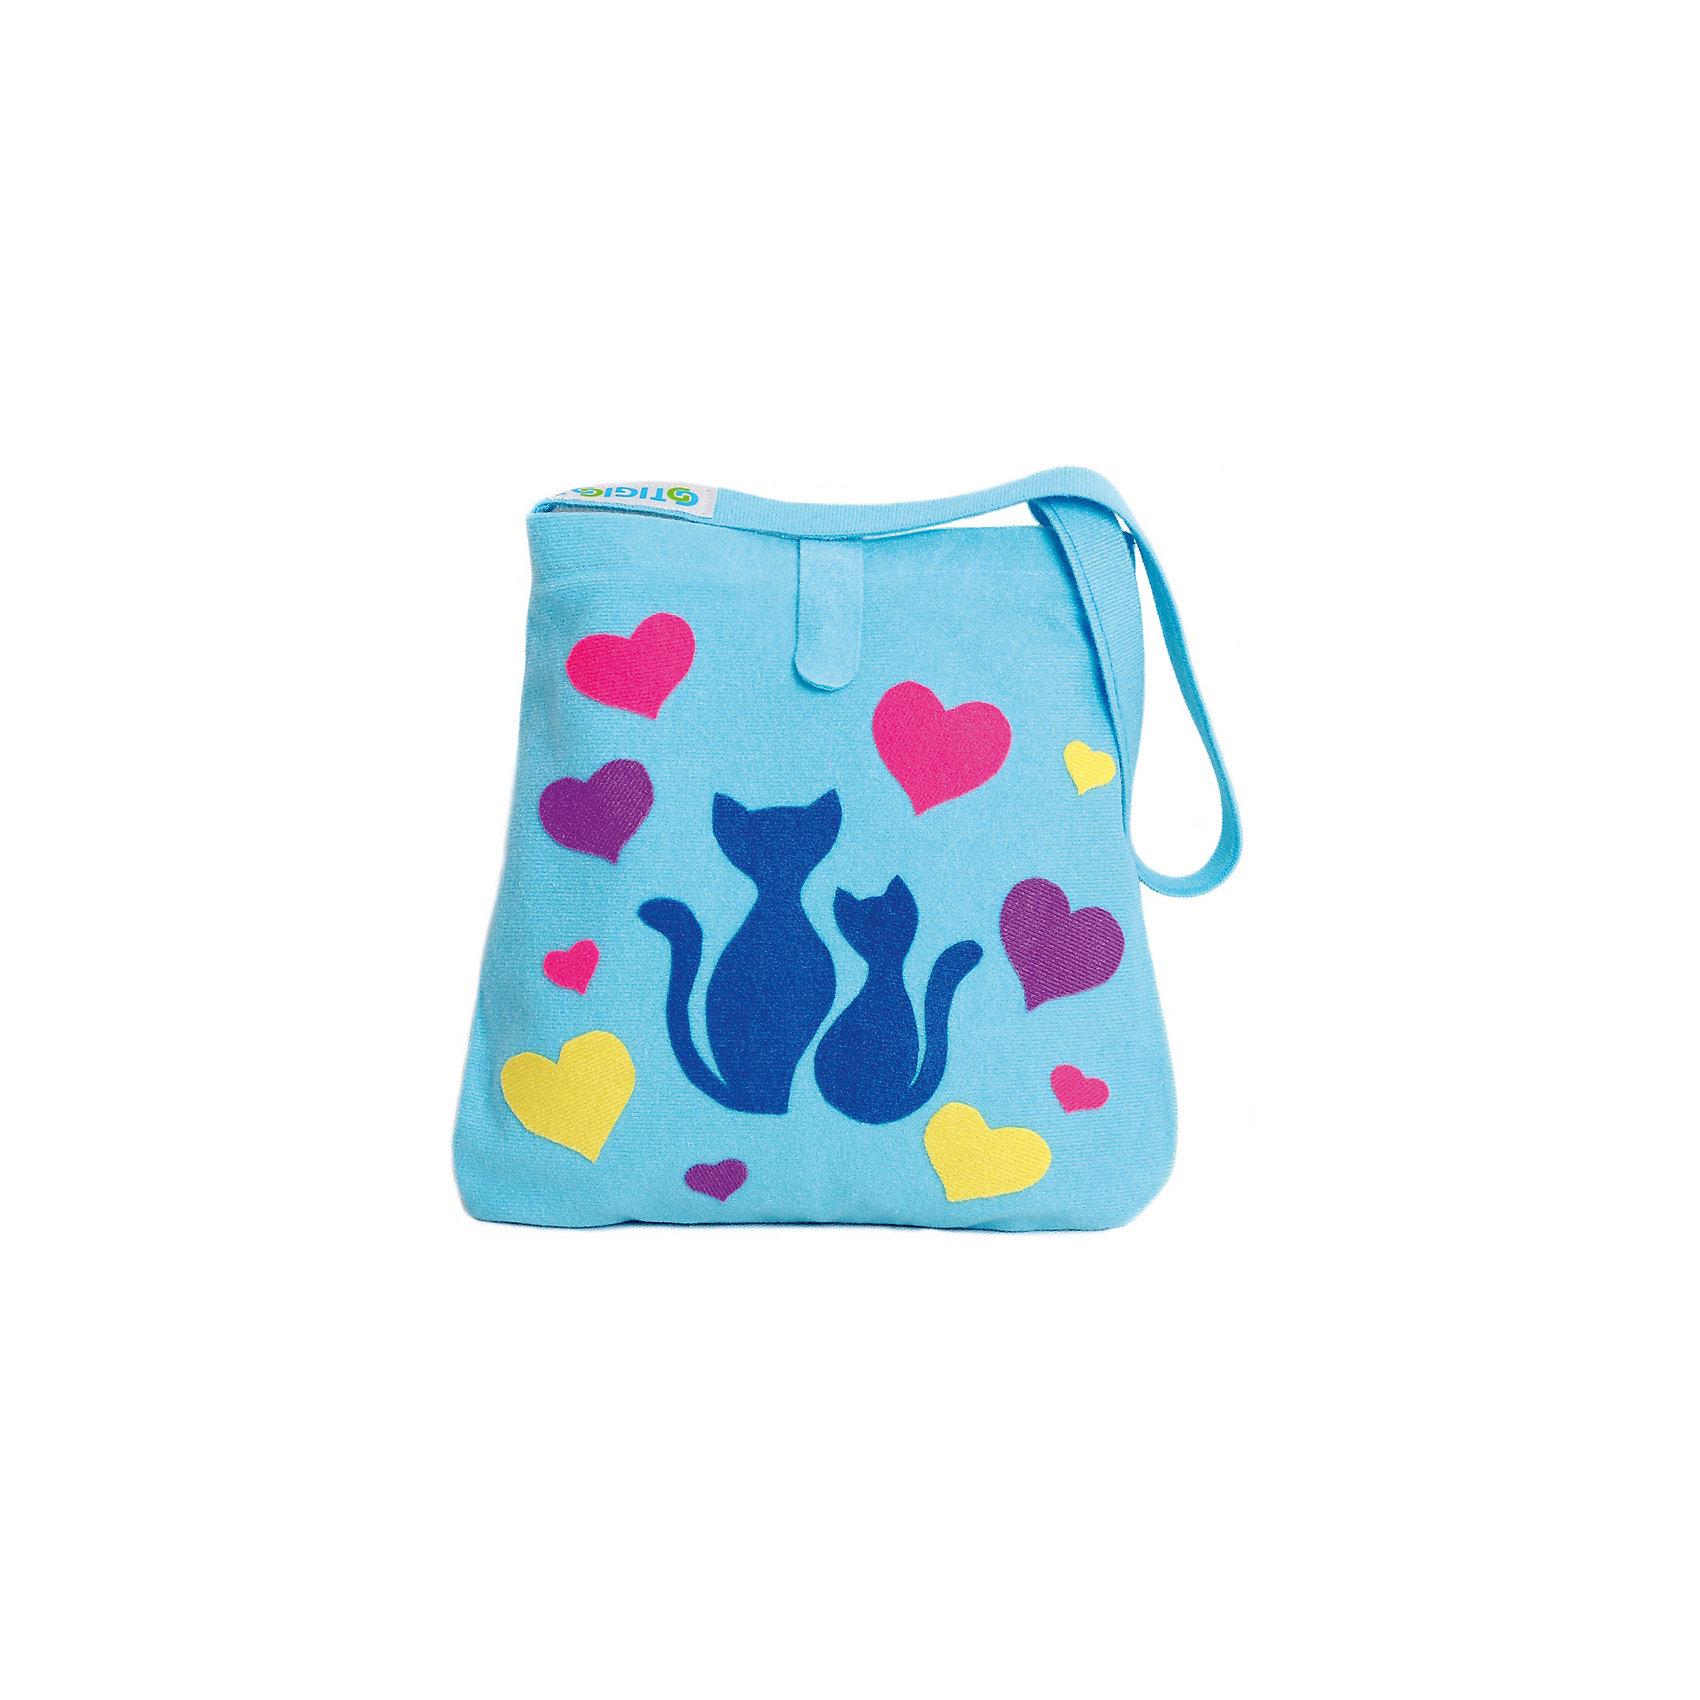 Стигис-аппликация Сумка детская, голубаяЕсли девочка давно мечтает о красивой сумке с оригинальной аппликацией, то ей обязательно понравится набор для стигис-аппликации на сумке. Ребенок сможет самостоятельно придумать дизайн и воссоздать его на сумочке при помощи ткани с термоклеевым слоем. Достаточно вырезать нужные элементы, выложить их на сумку и прогладить утюгом - красивая и практичная сумочка готова! В случае ошибки ткань можно снова прогладить утюгом, и она отклеится. Такой вид детского творчество хорошо развивает аккуратность, воображение и дизайнерские способности. Отличный подарок для юных рукодельниц!<br><br>Дополнительная информация: <br>В комплекте: сумка, кусочки stigis-ткани, выкройки, инструкция<br>Цвет: голубой<br>Размер: 3,5х27х20 см<br>Вес: 110 грамм<br>Набор для стигис-аппликации можно купить в нашем интернет-магазине.<br><br>Ширина мм: 200<br>Глубина мм: 270<br>Высота мм: 35<br>Вес г: 110<br>Возраст от месяцев: 60<br>Возраст до месяцев: 120<br>Пол: Унисекс<br>Возраст: Детский<br>SKU: 4939426